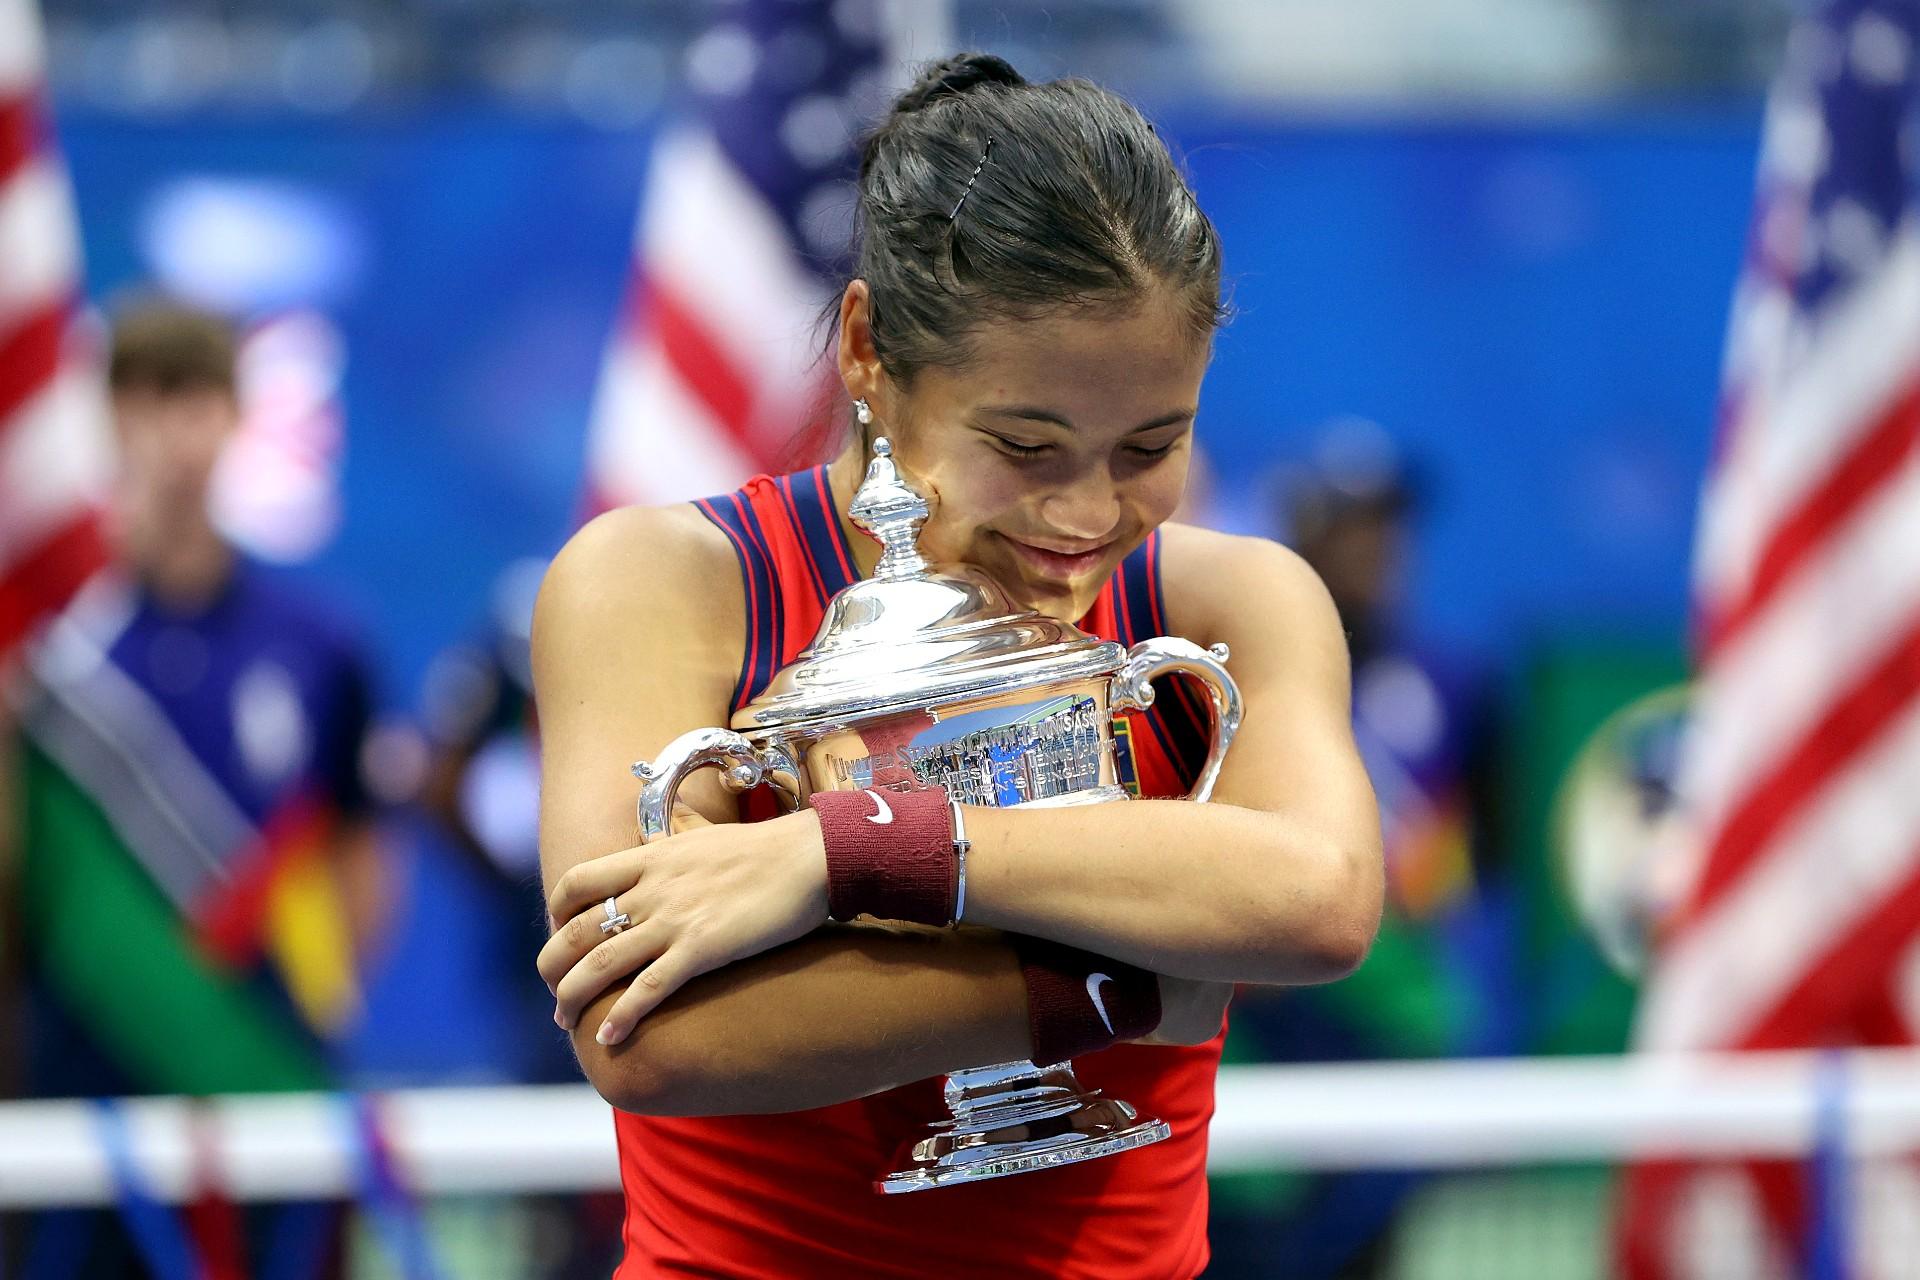 Británica Emma Raducanu, de 18 años, conquista el Abierto de EEUU